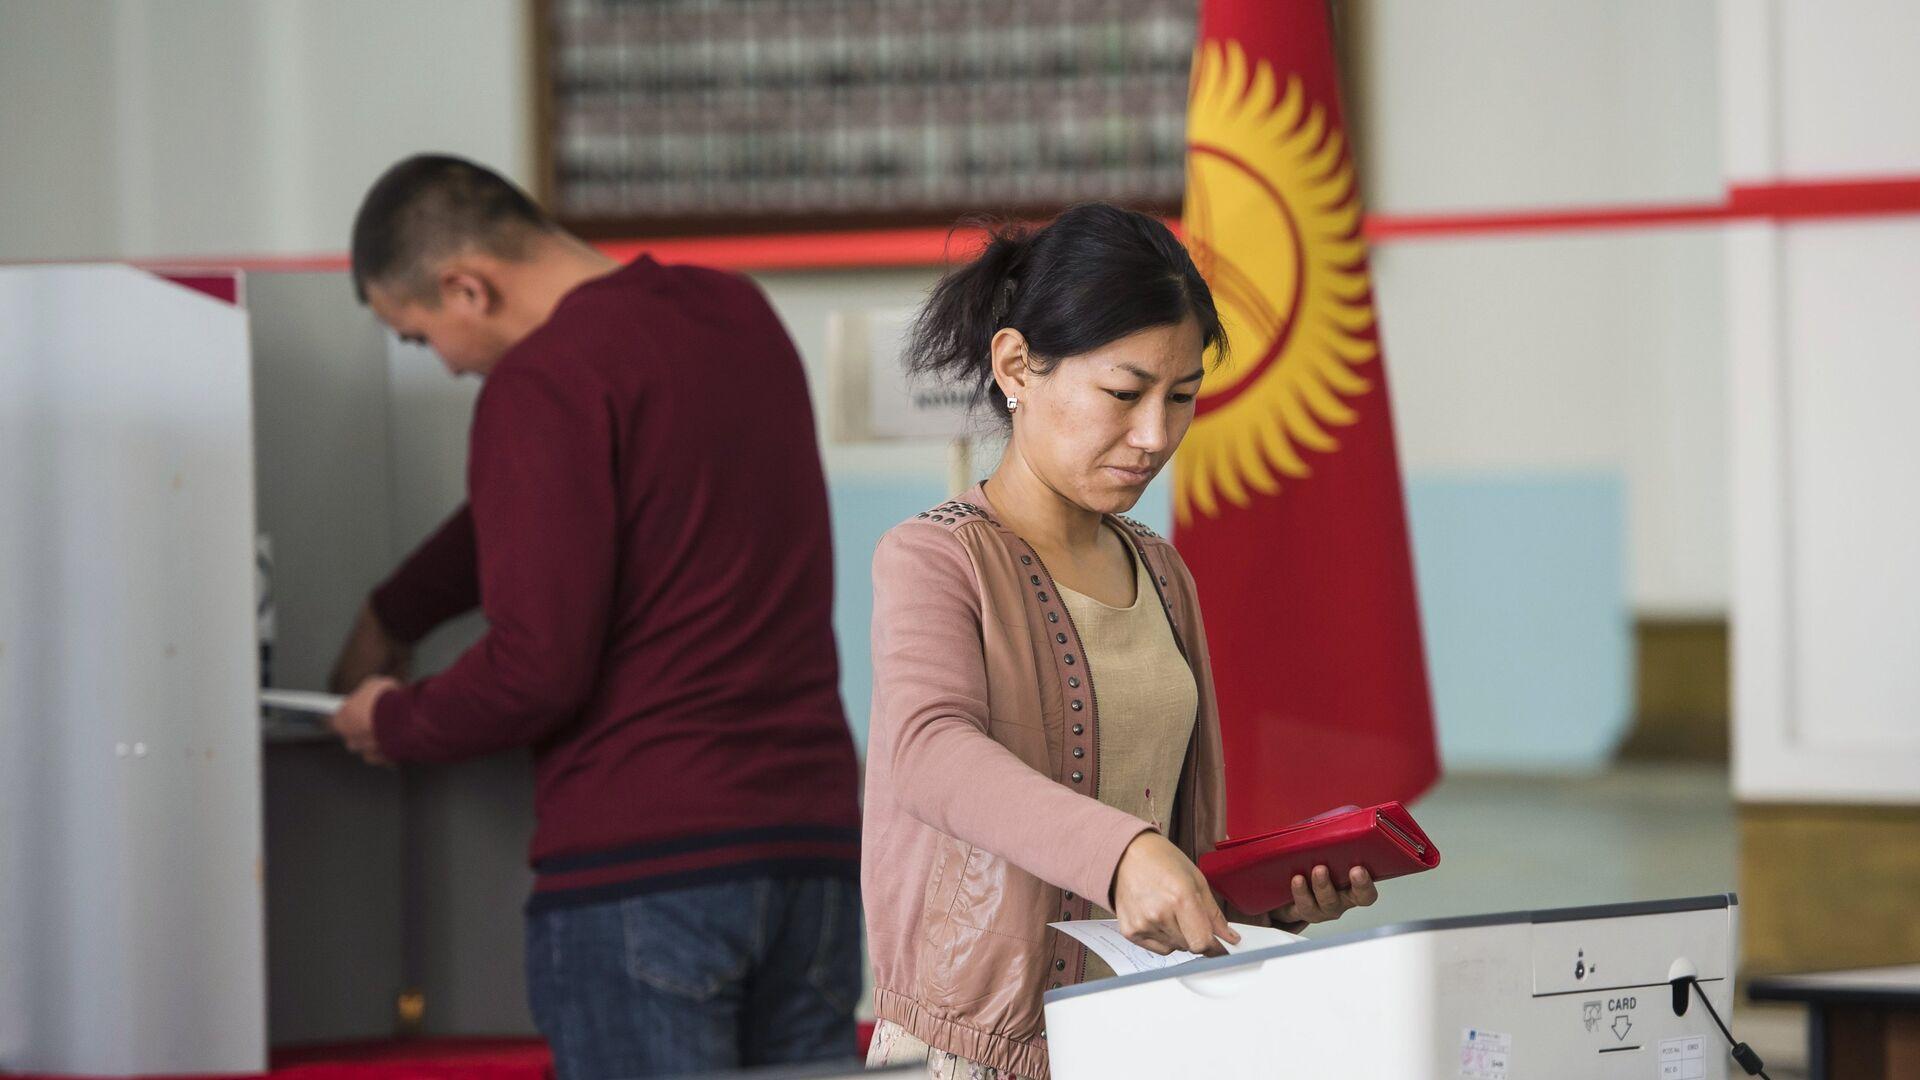 Голосование на избирательном участке в Бишкеке в ходе выборов президента Киргизии - РИА Новости, 1920, 04.10.2020